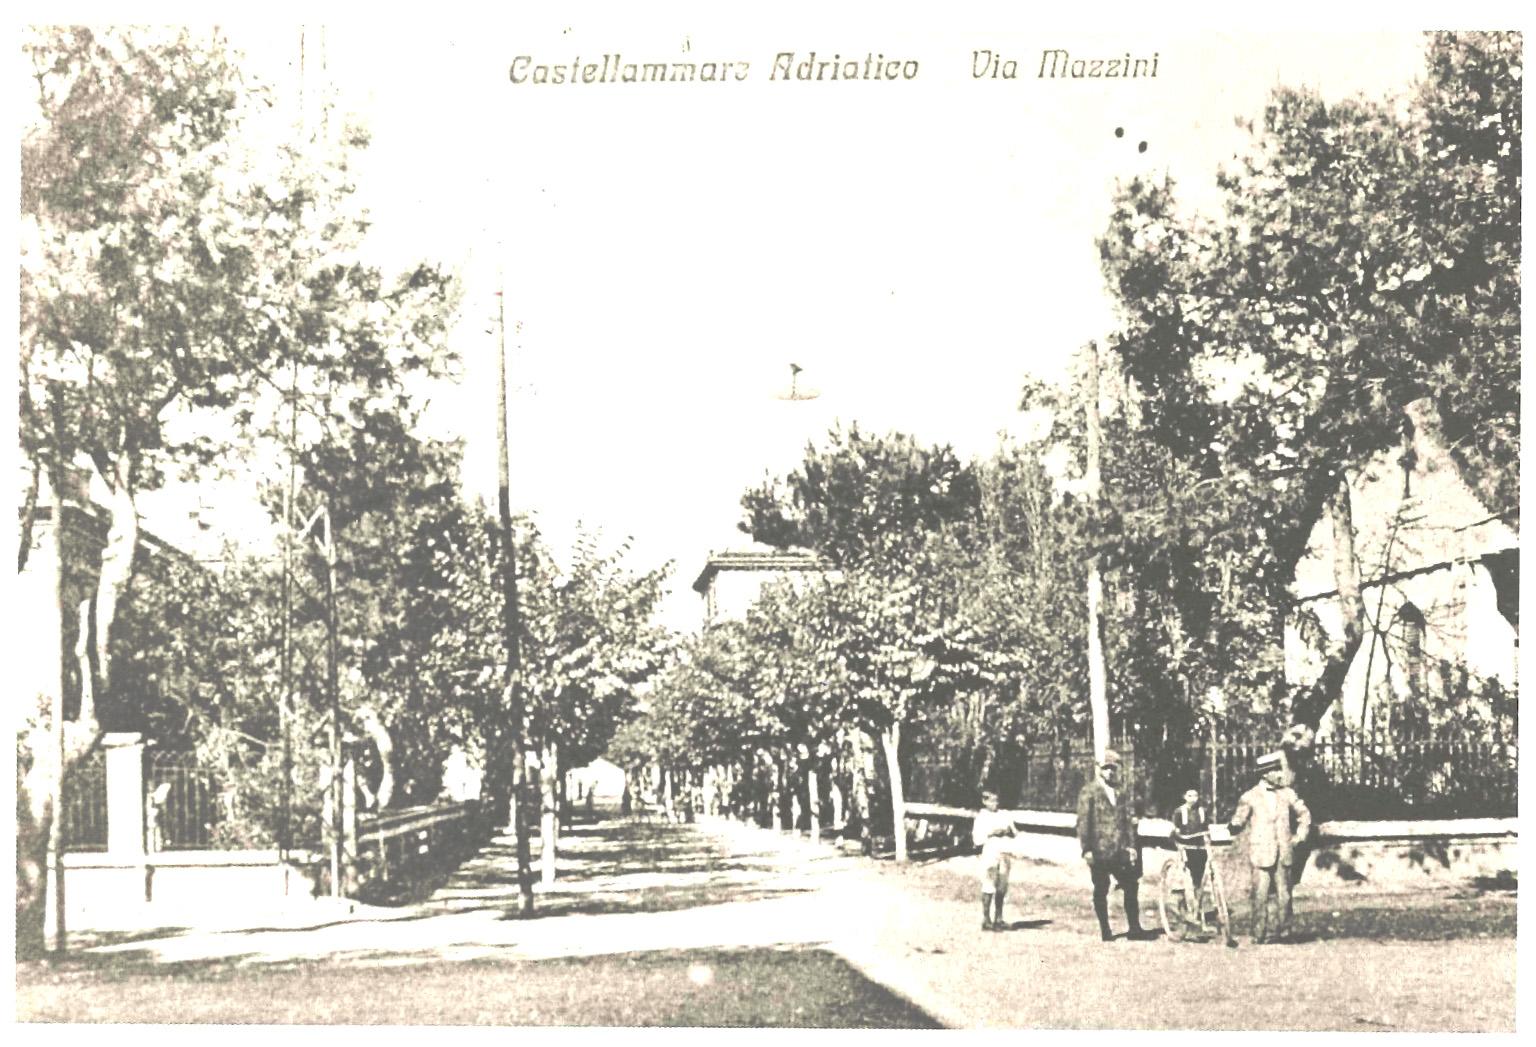 Castellammare Adriatico_Via Mazzini 2